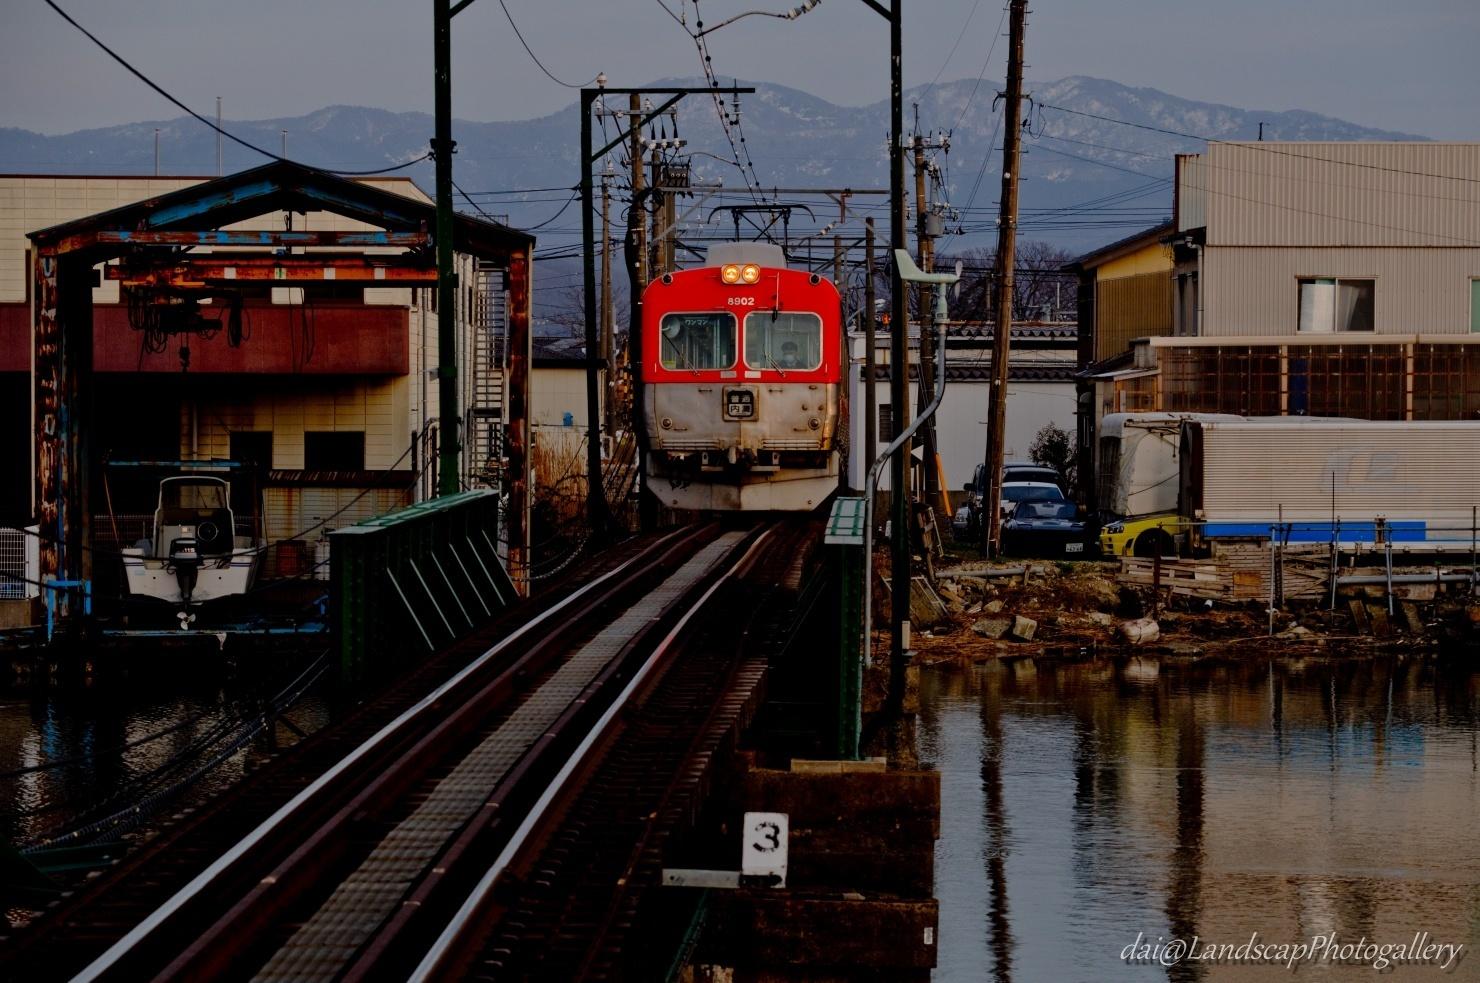 夕刻の北陸鉄道大野川橋梁と残雪の両白山地